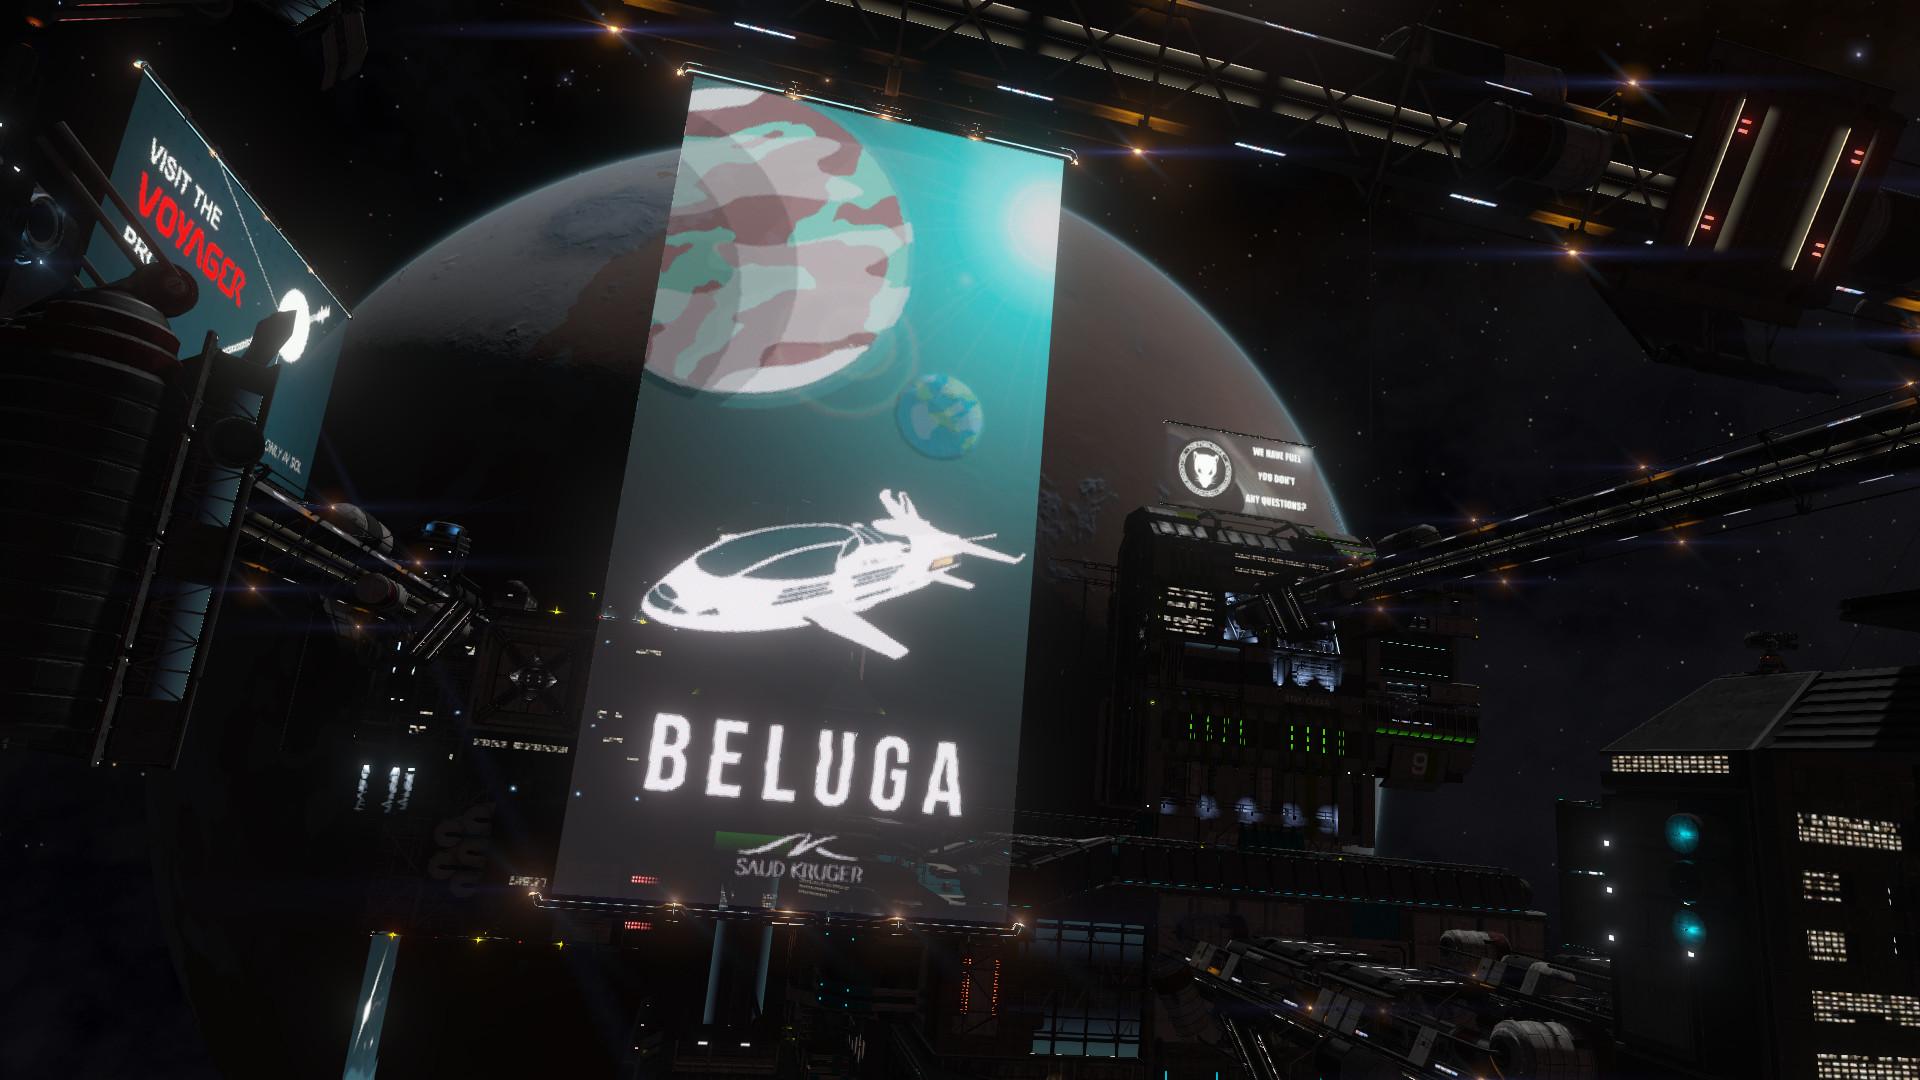 Beluga, in game.